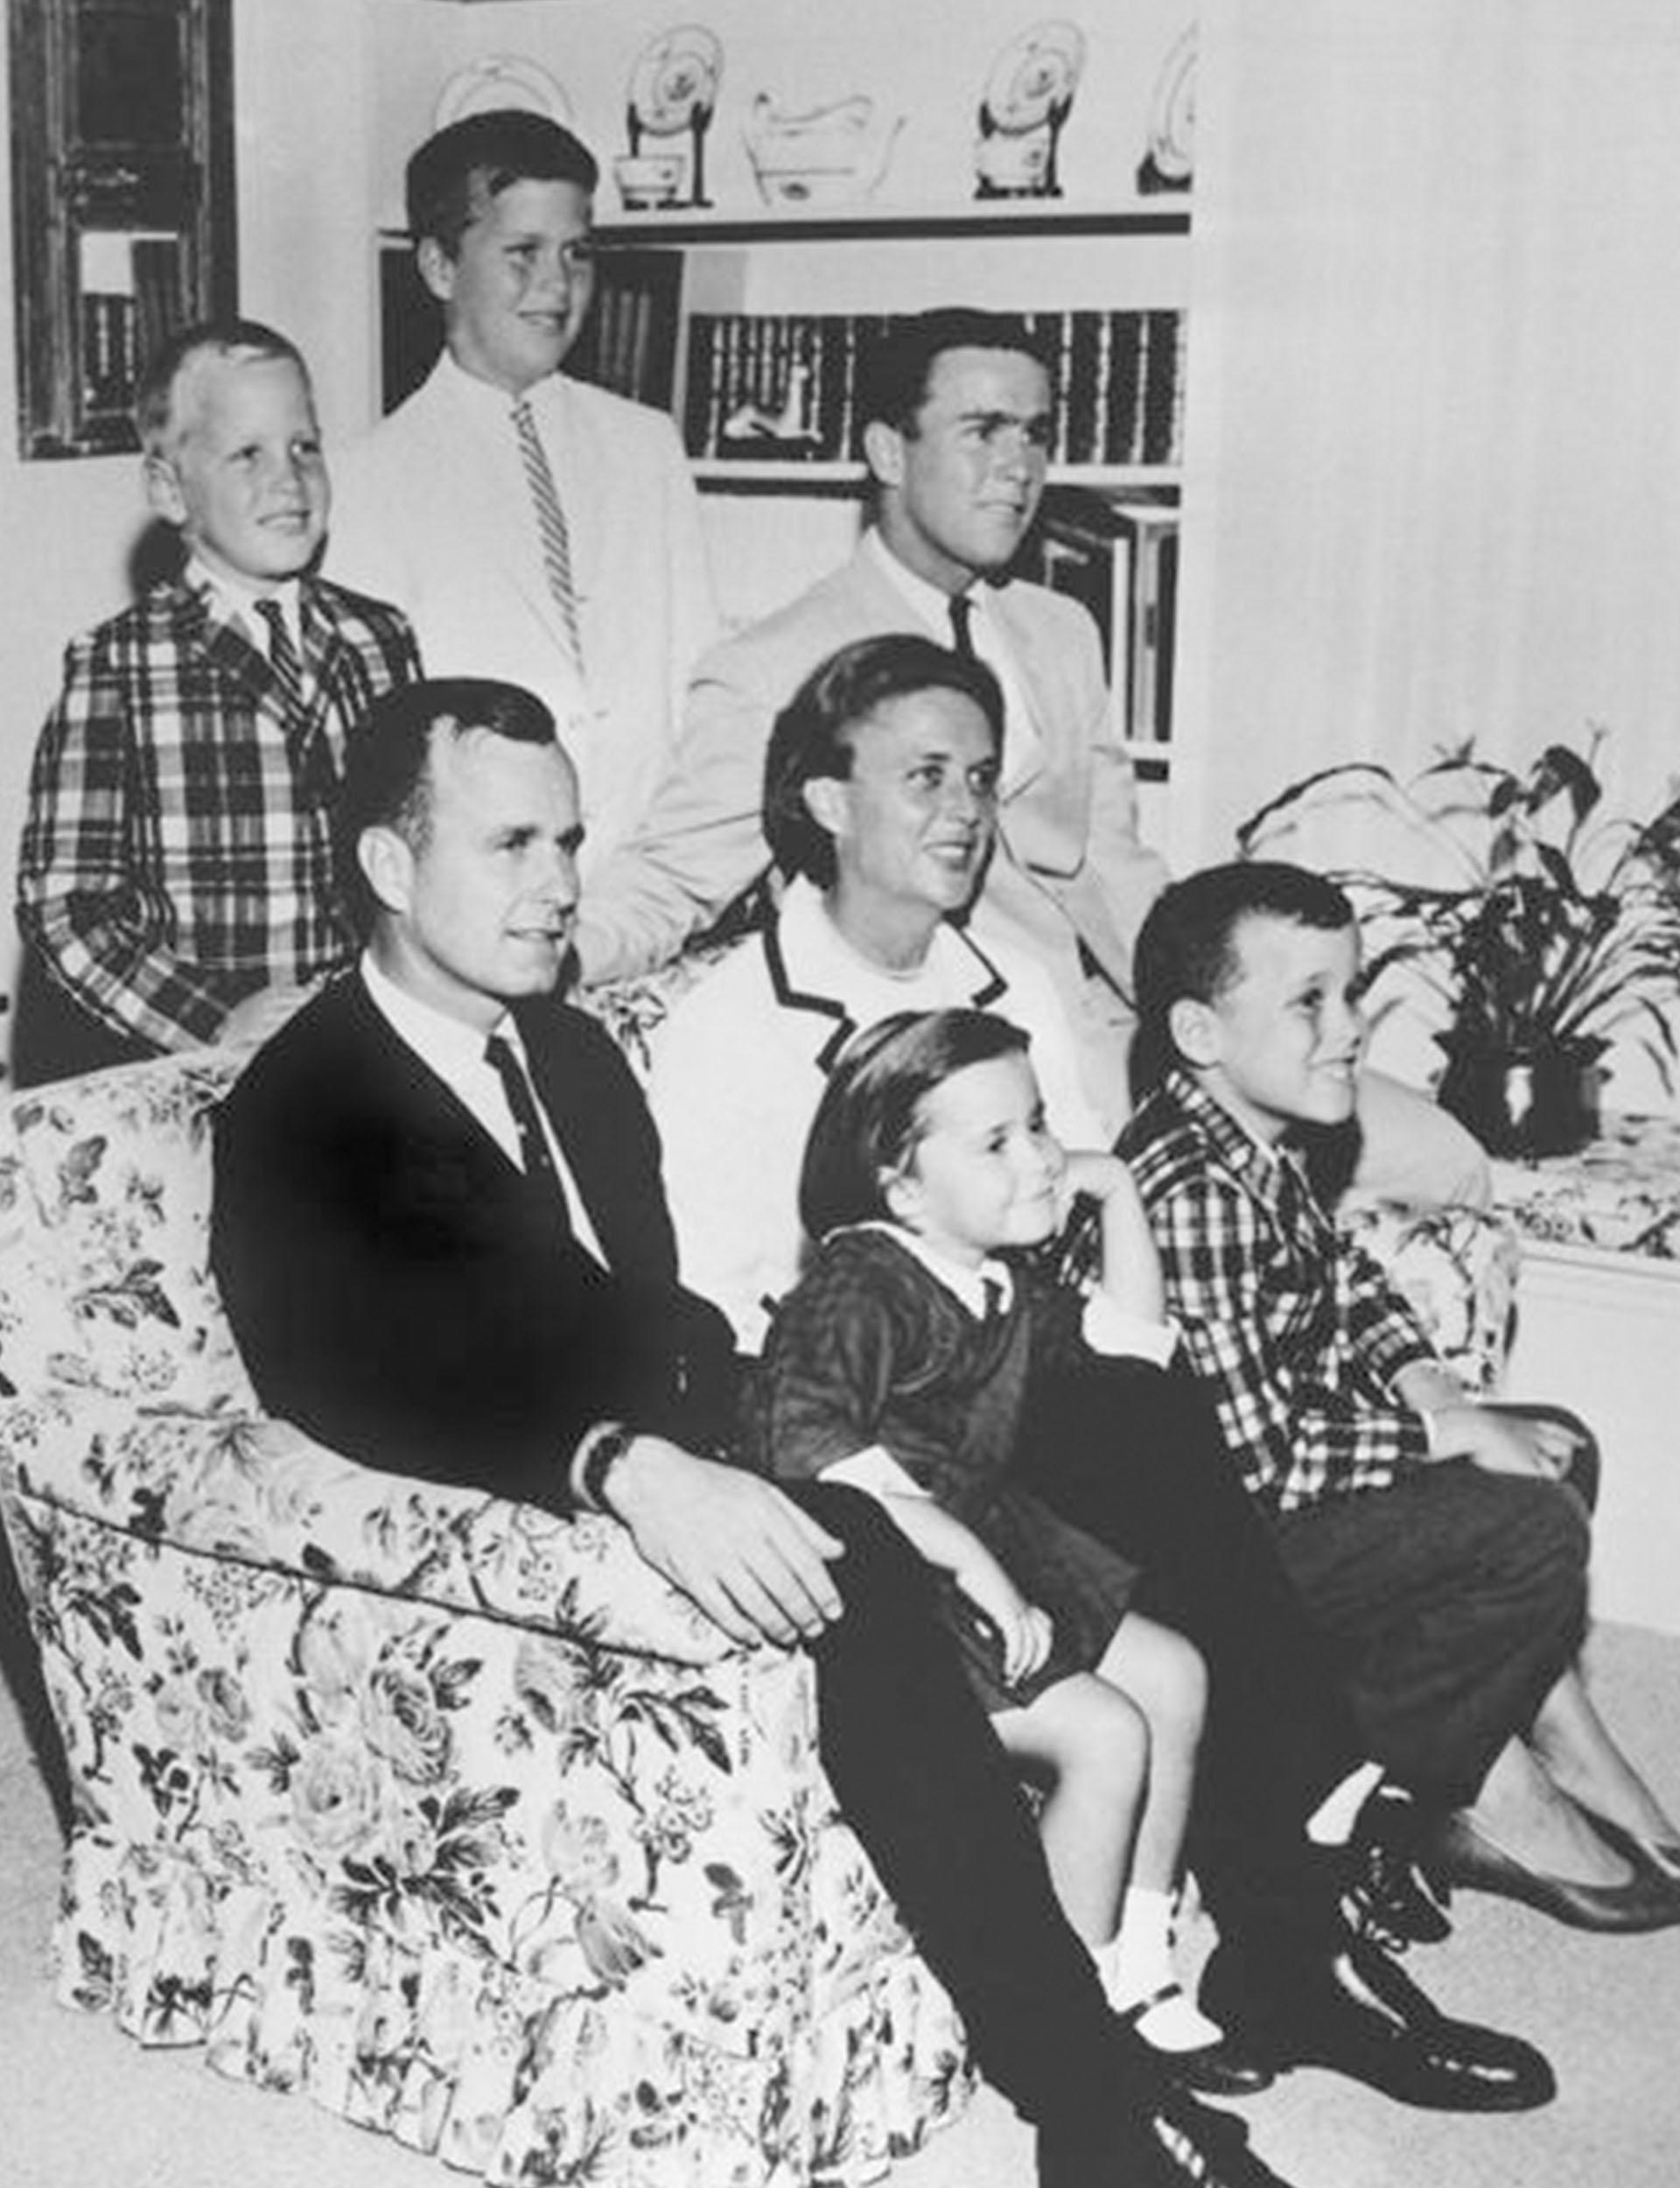 En1964, Barbara Bush con su esposoy sus hijos George W. Bush, Neil, Jeb Bush, Marvin yDorothy